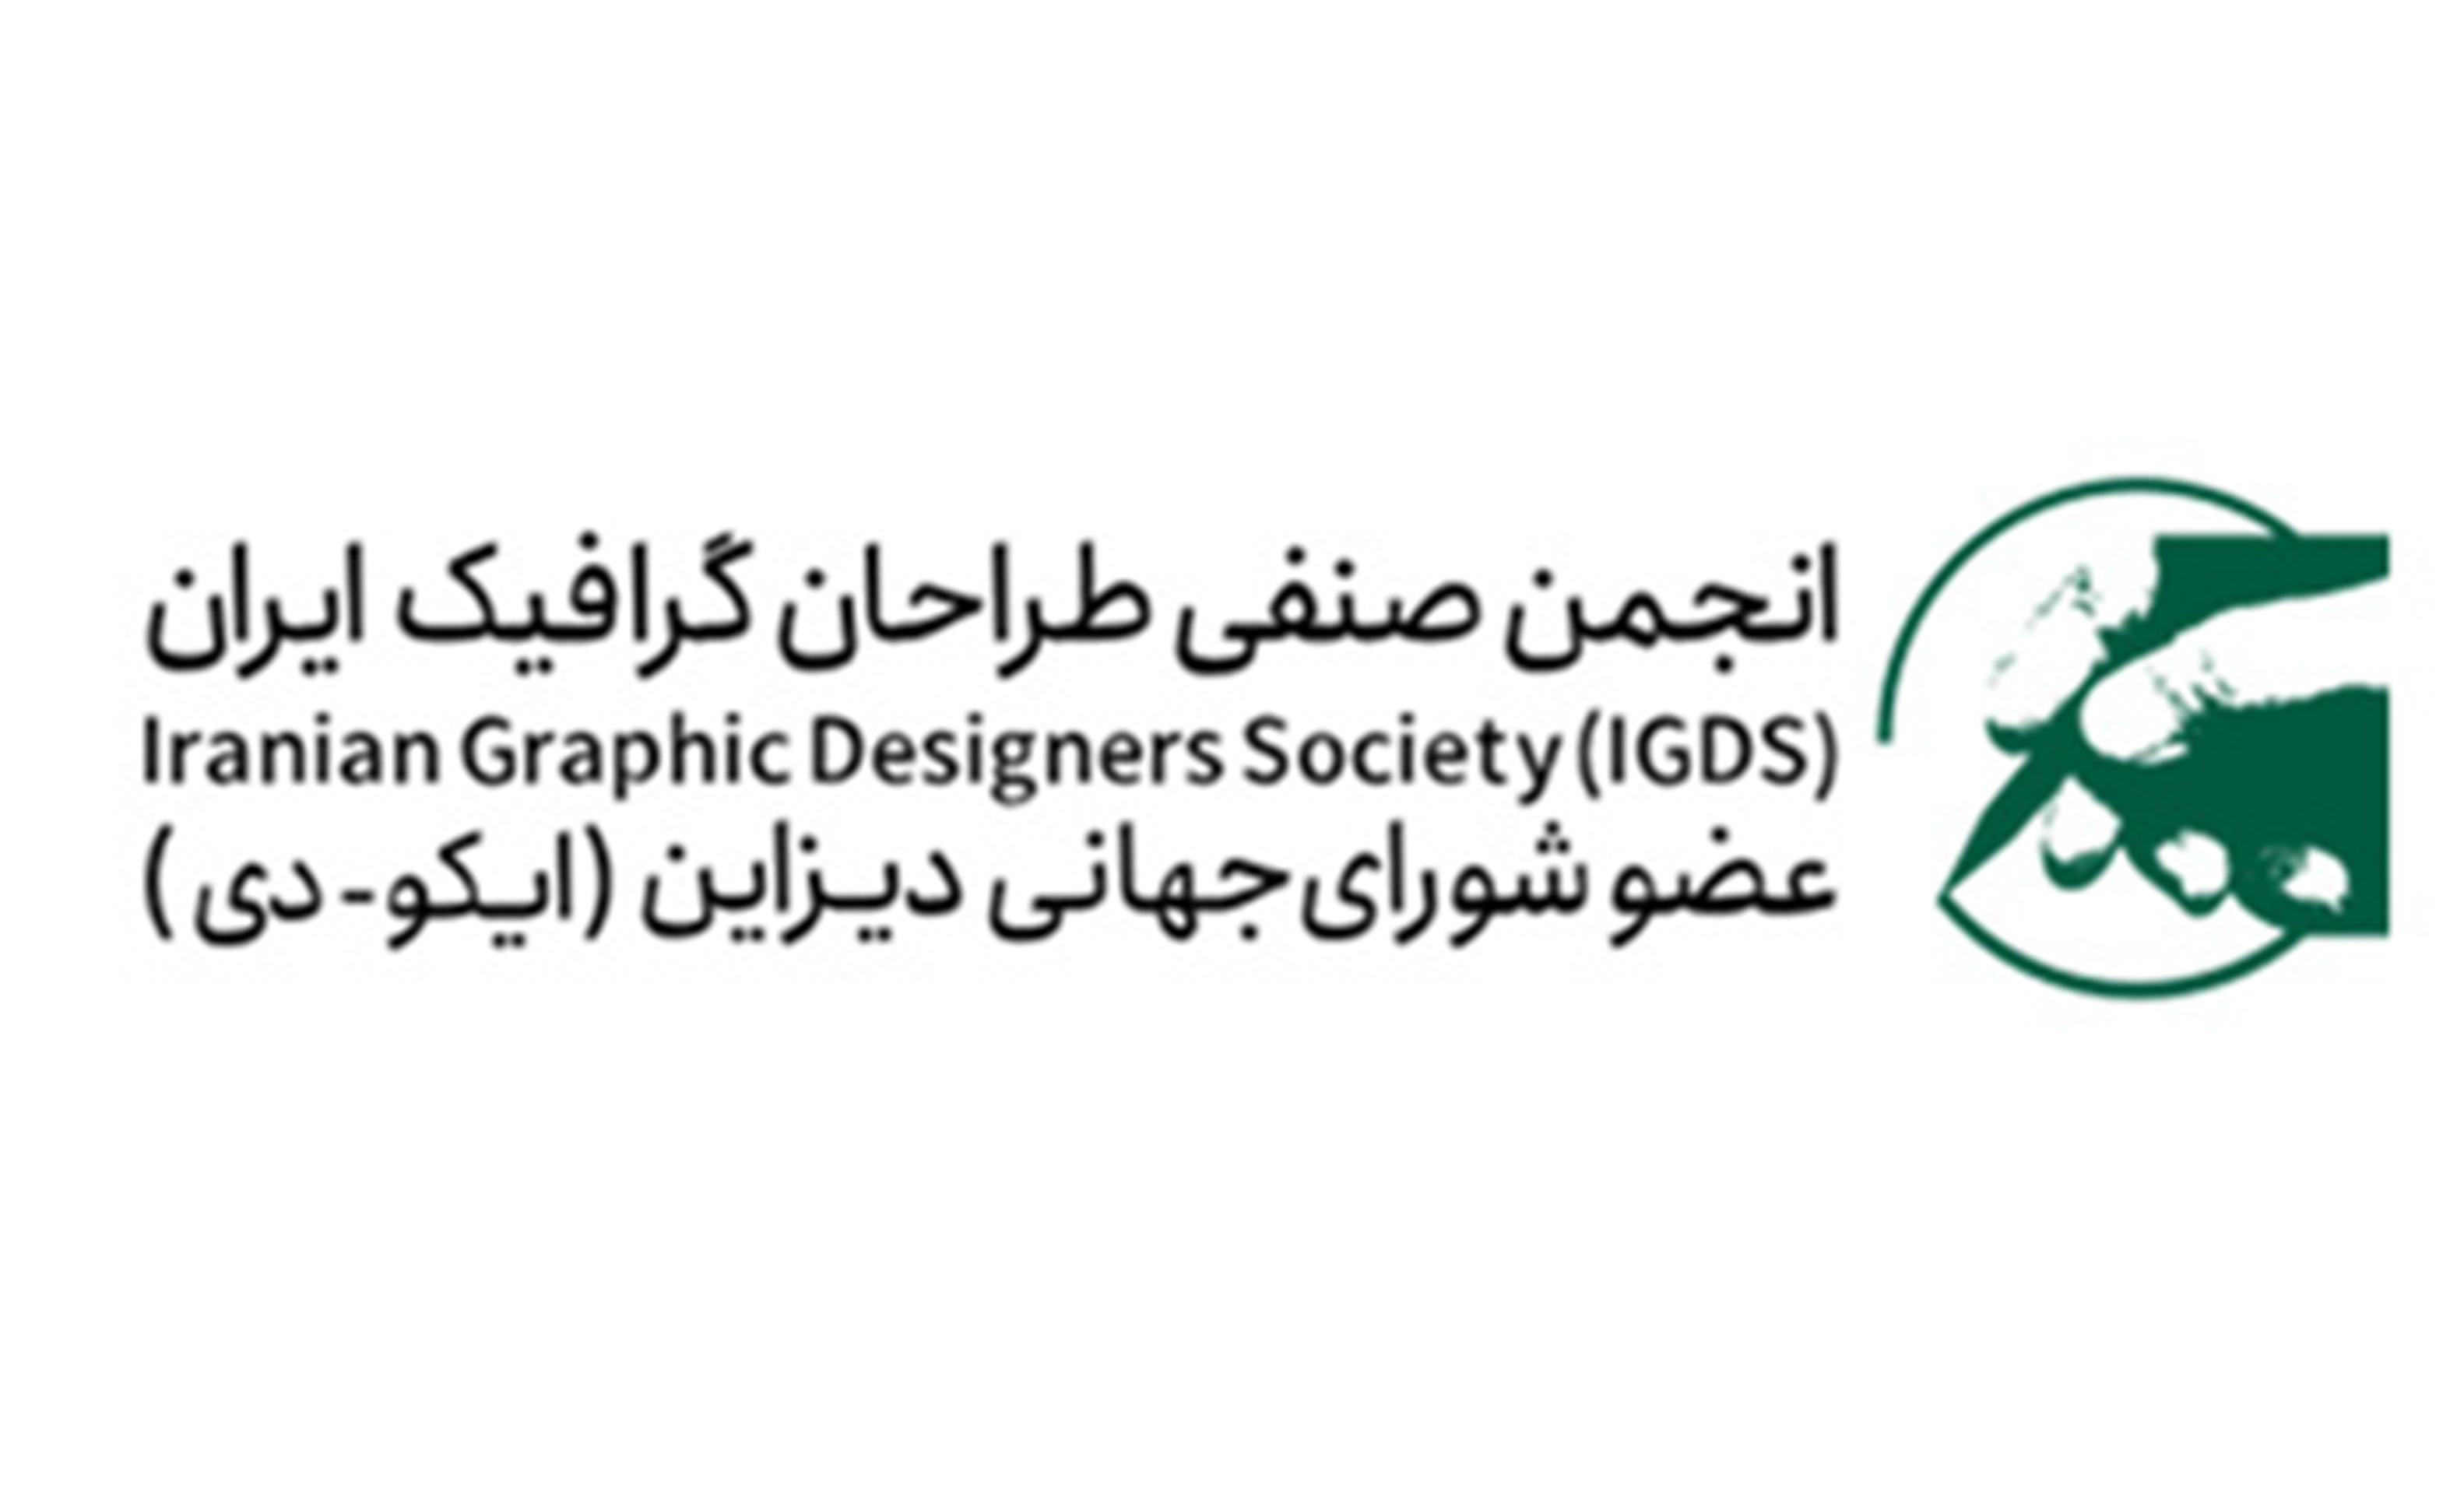 انجمن صنفی گرافیک ایران